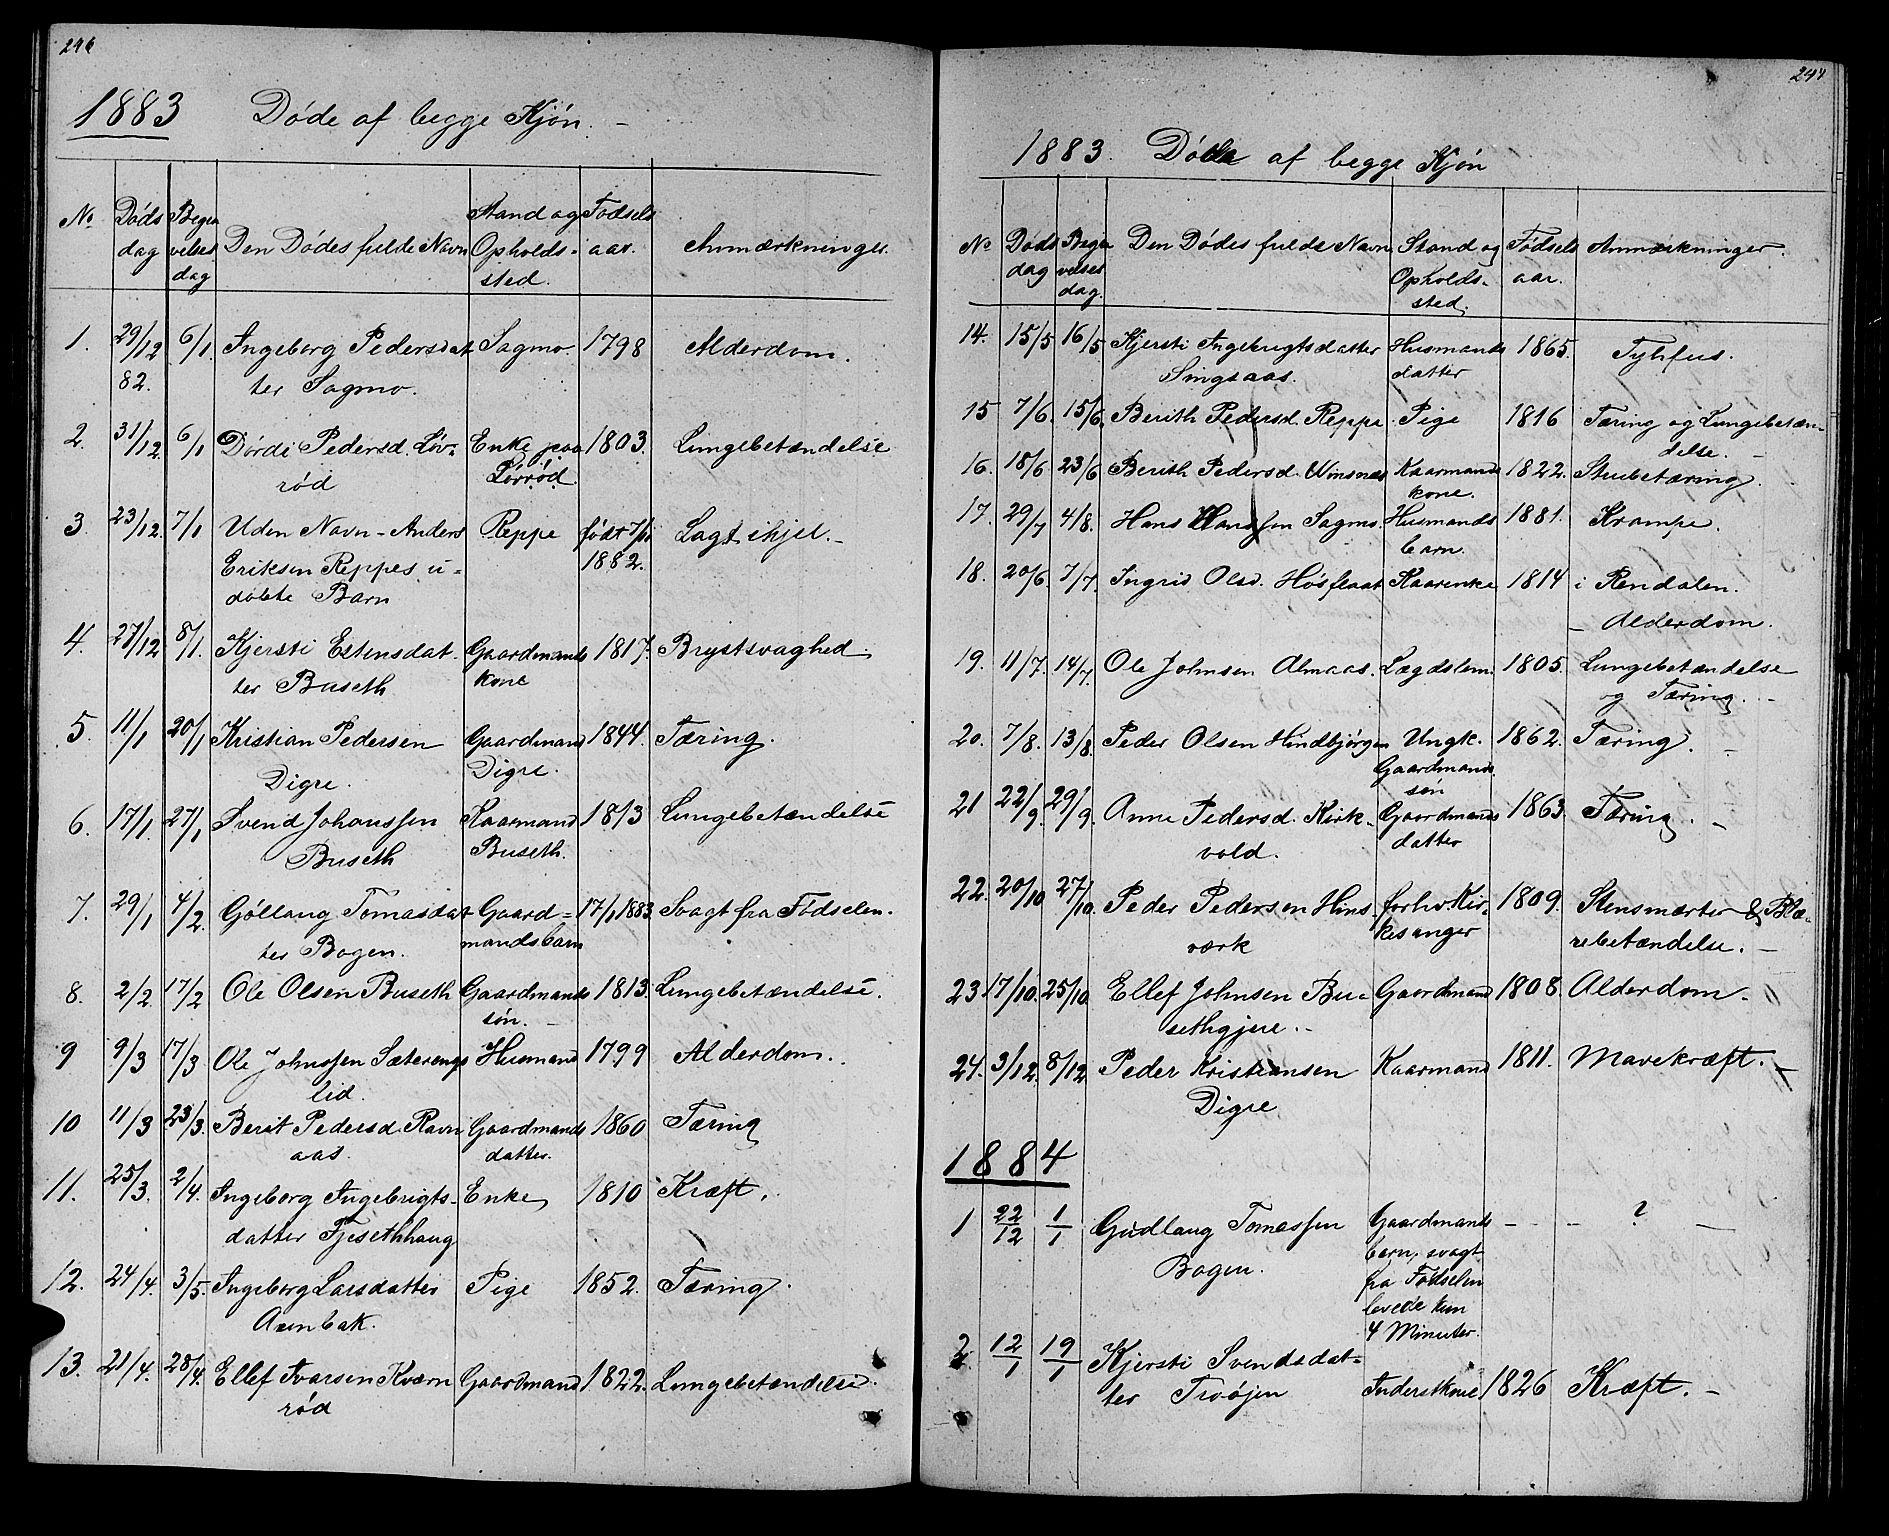 SAT, Ministerialprotokoller, klokkerbøker og fødselsregistre - Sør-Trøndelag, 688/L1027: Klokkerbok nr. 688C02, 1861-1889, s. 246-247